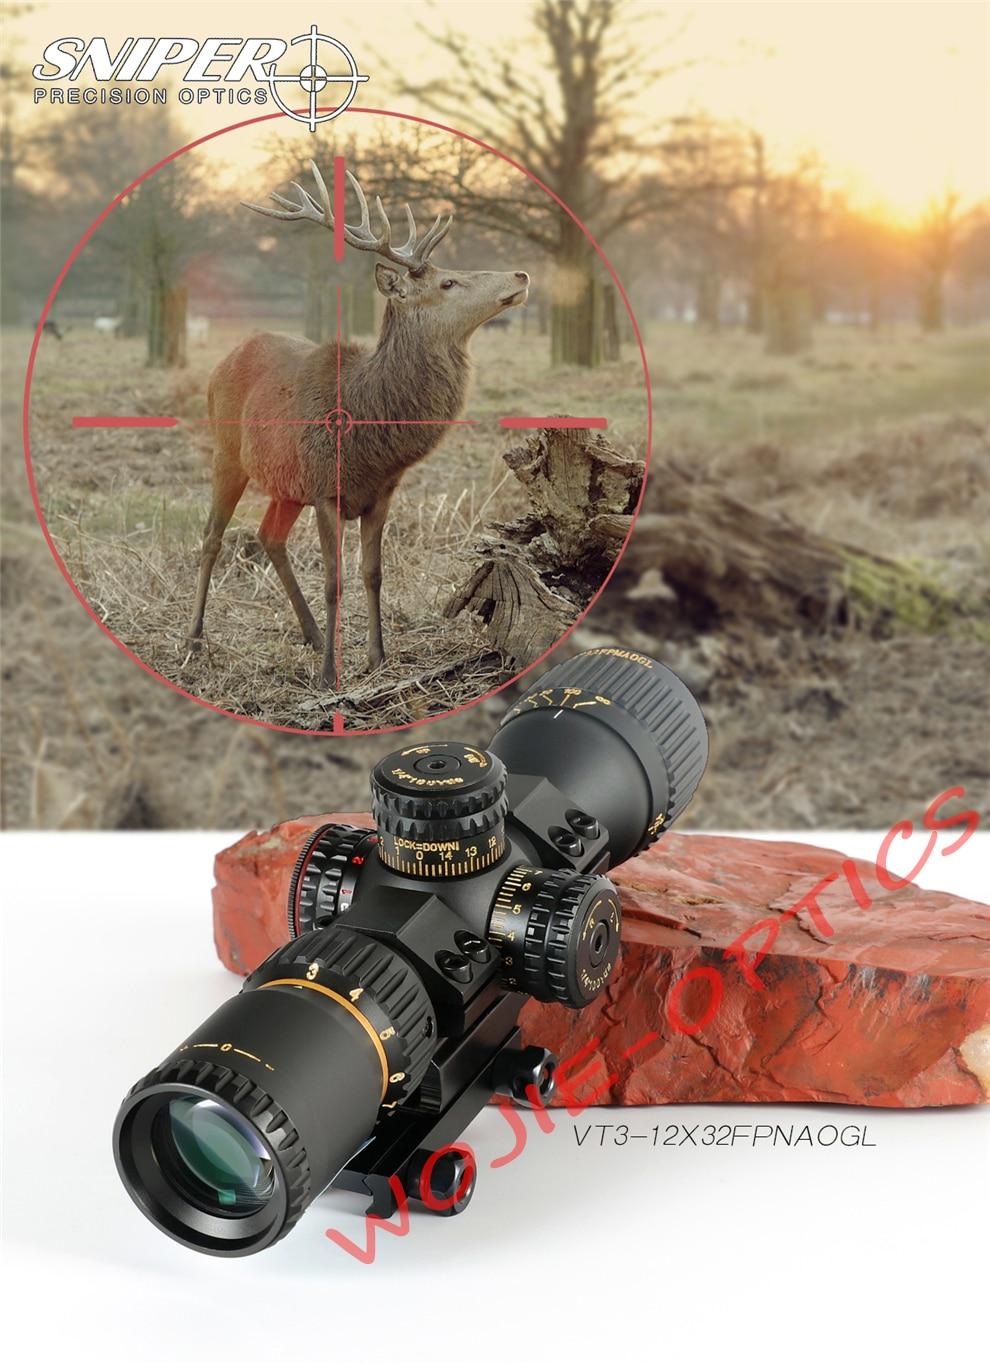 compacta tático riflescope vidro gravado reticle vermelho verde llluminate caça óptica